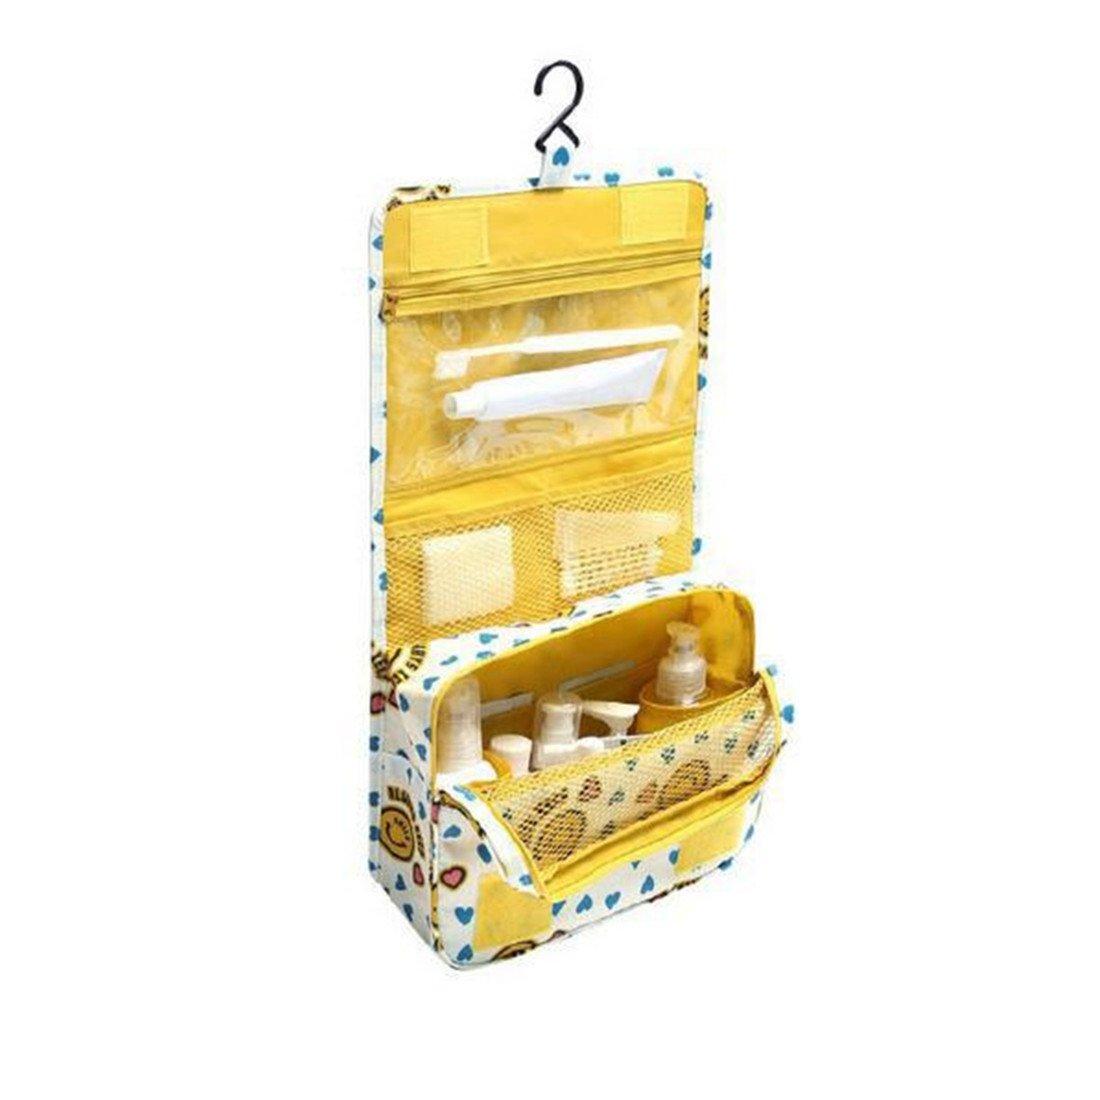 Trousse de Toilette Sac Cosmétique Trousse Maquillage Sac de Toilette Trousse de Voyage Grande Pliable Multifonction Étanche Compact Oxford avec Crochet Suspendu,Compartiments de Hmjunboys (Jaune) FW3HM